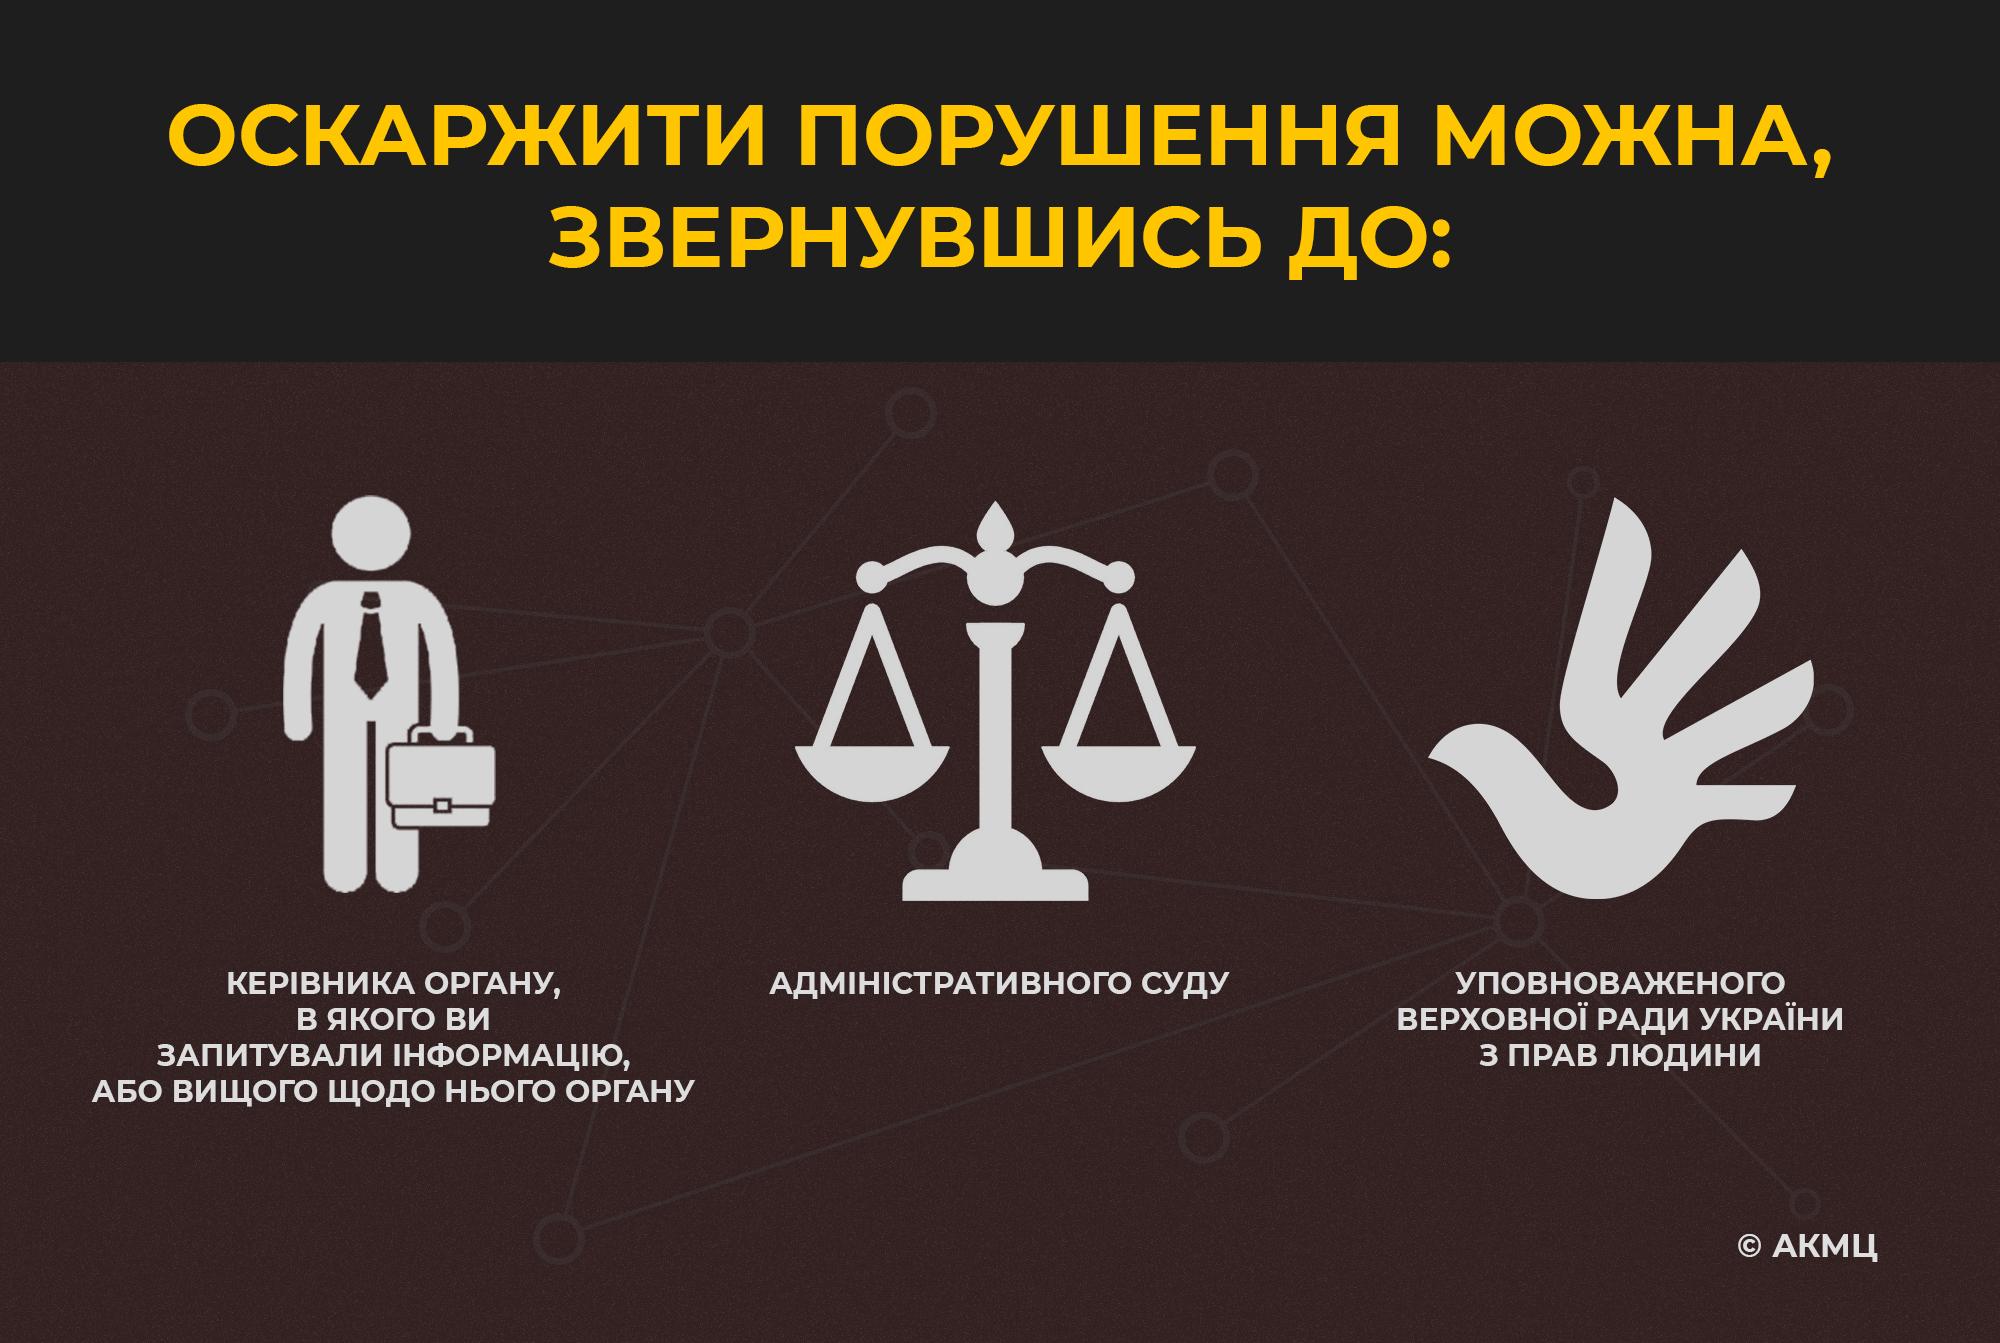 Як отримати від влади публічну інформацію - Фото №3